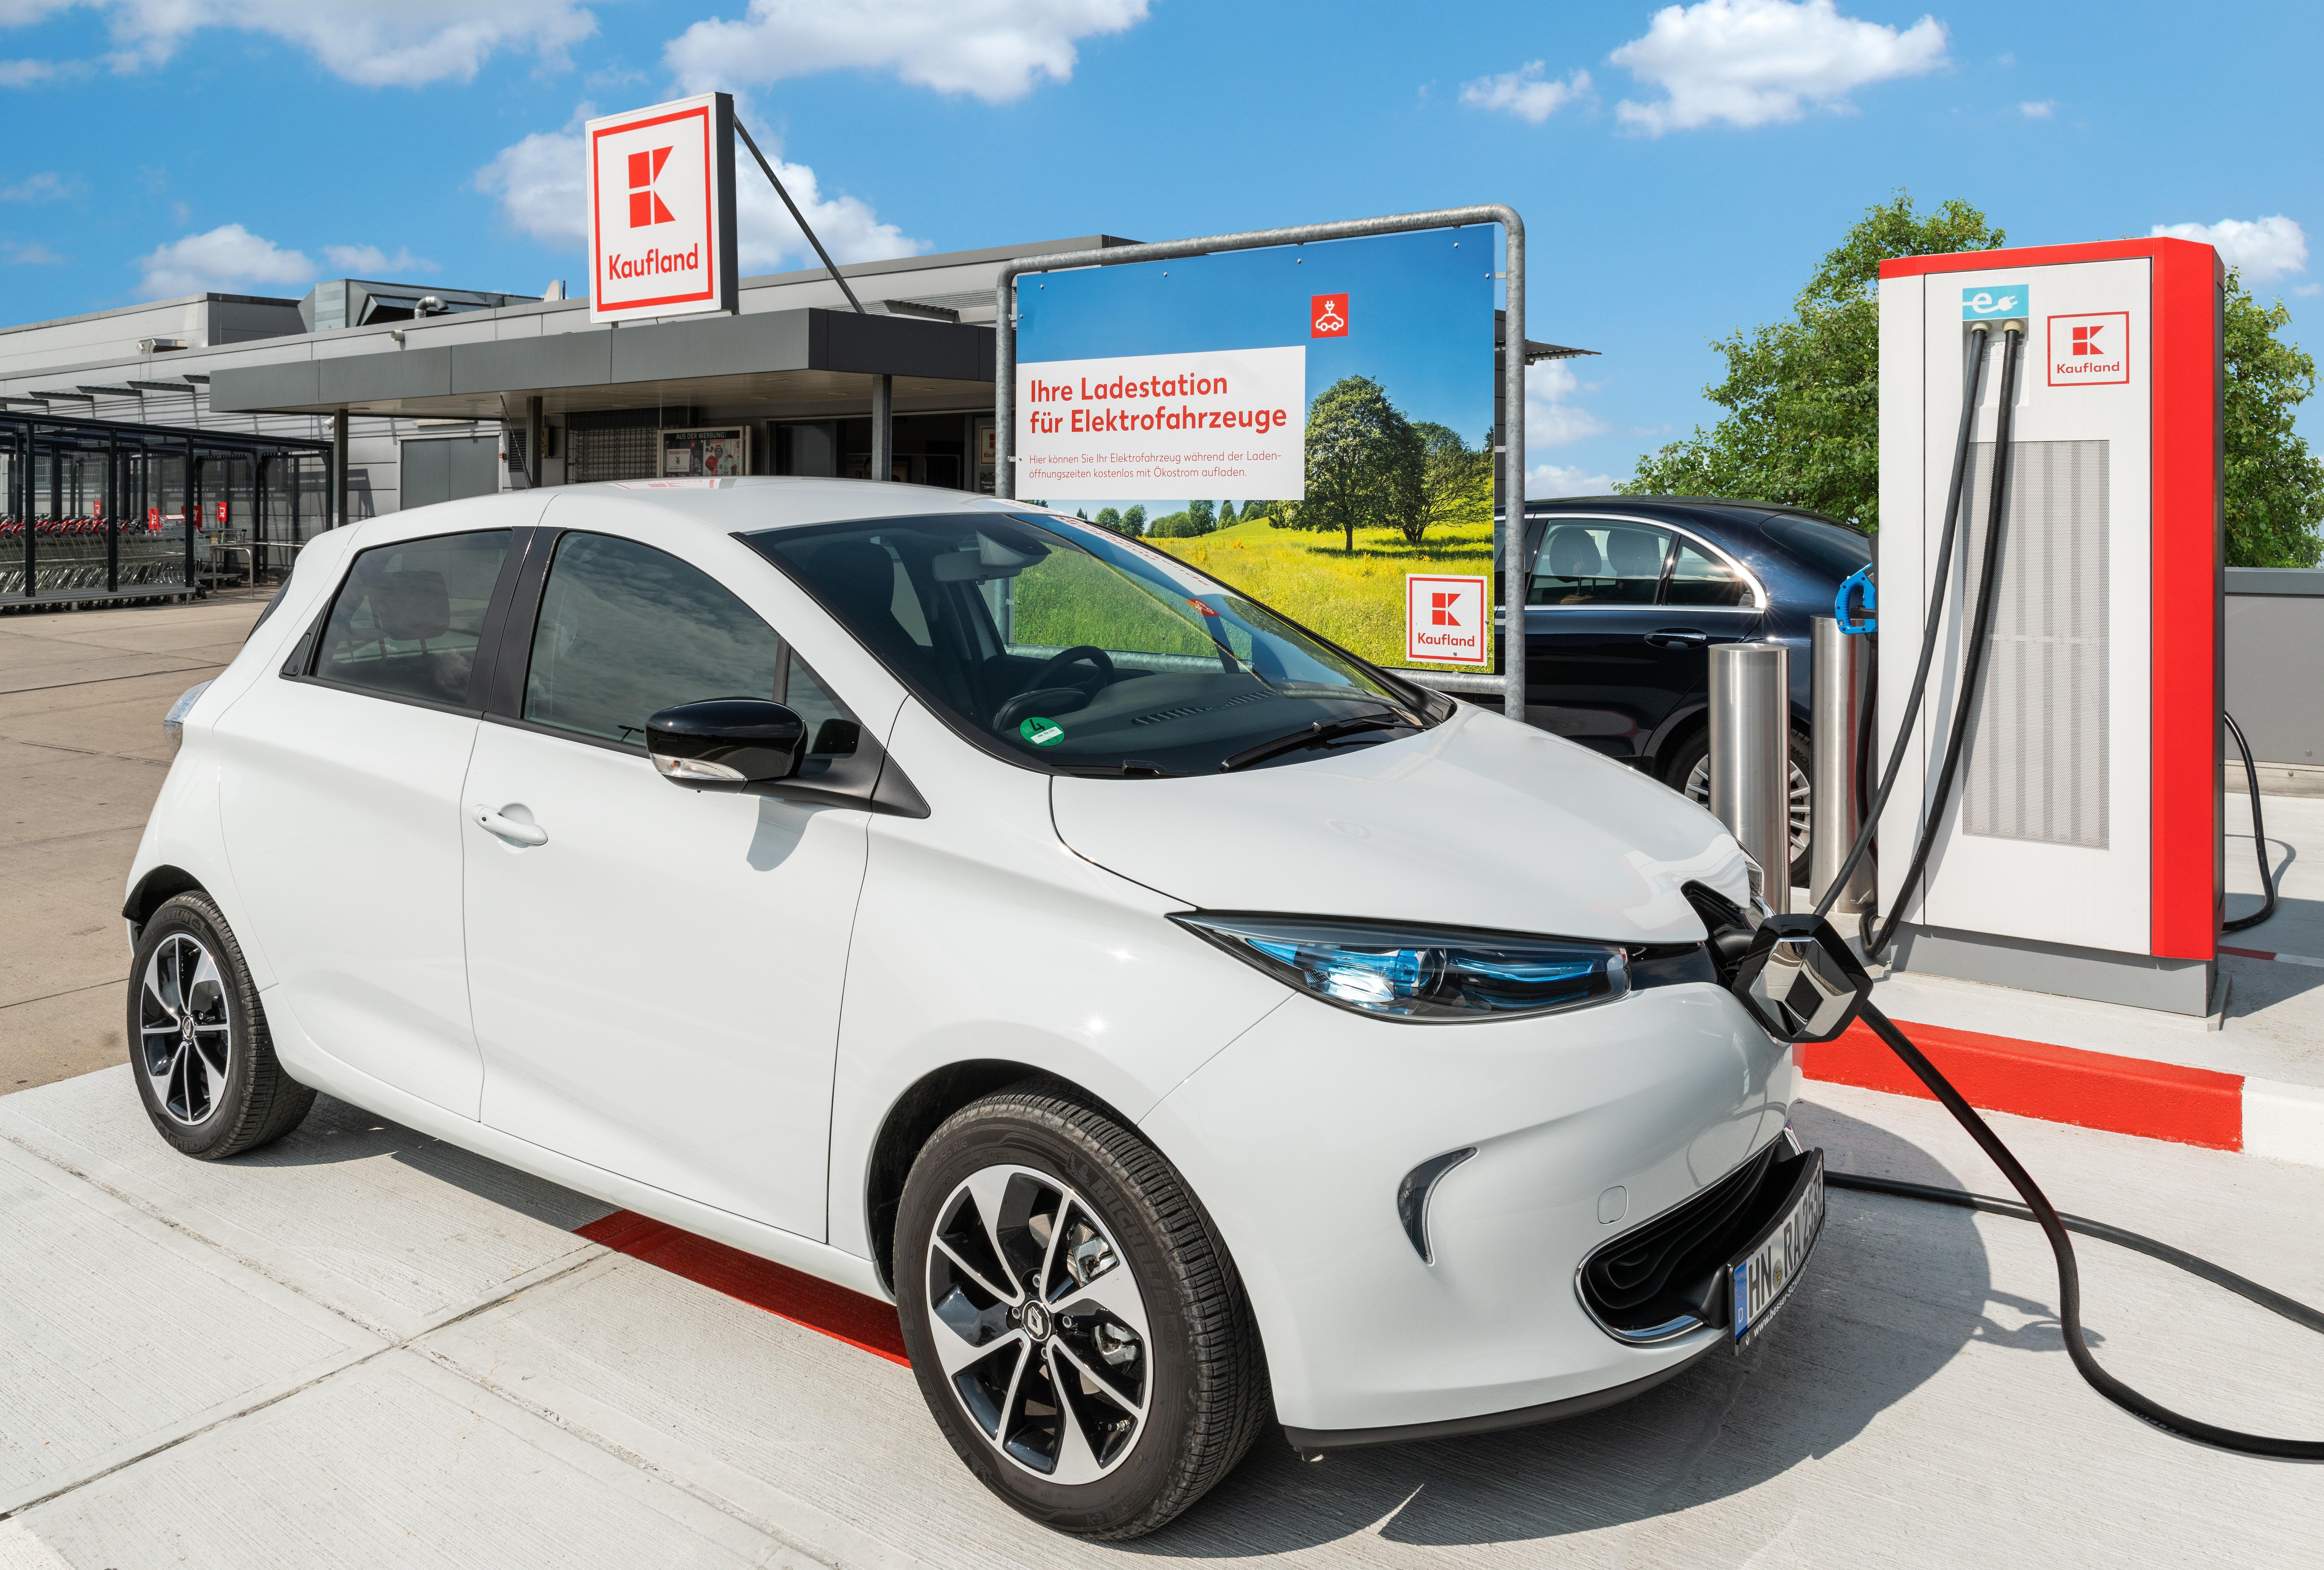 Auto Kühlschrank Kaufland : Rechtshinweise gmbh verkauf u2013 gmbh geschäftsanteile kaufen kaufung